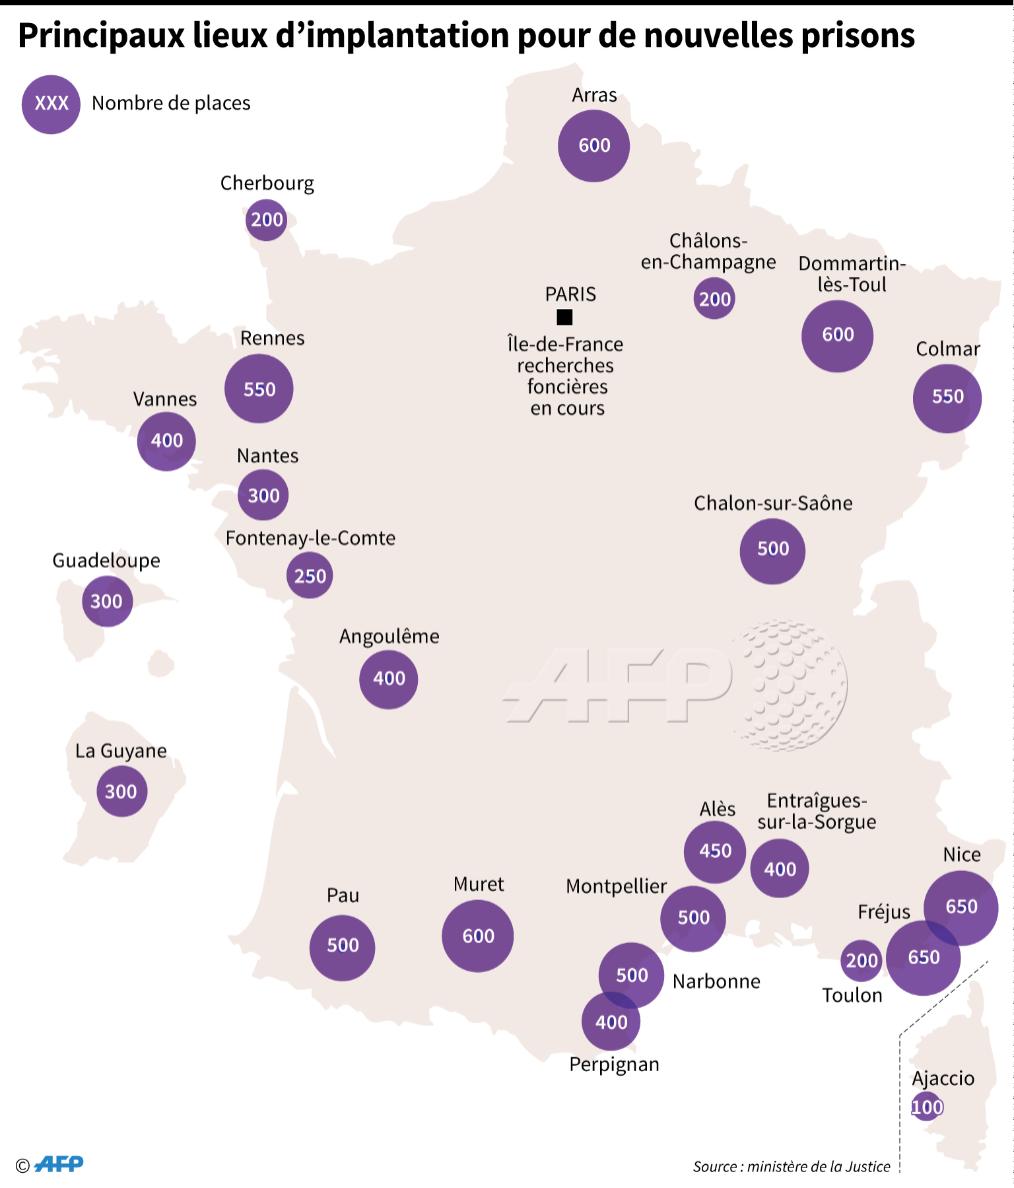 Les principaux lieux d'implantation des nouvelles prisons #AFP par @AFPgraphics